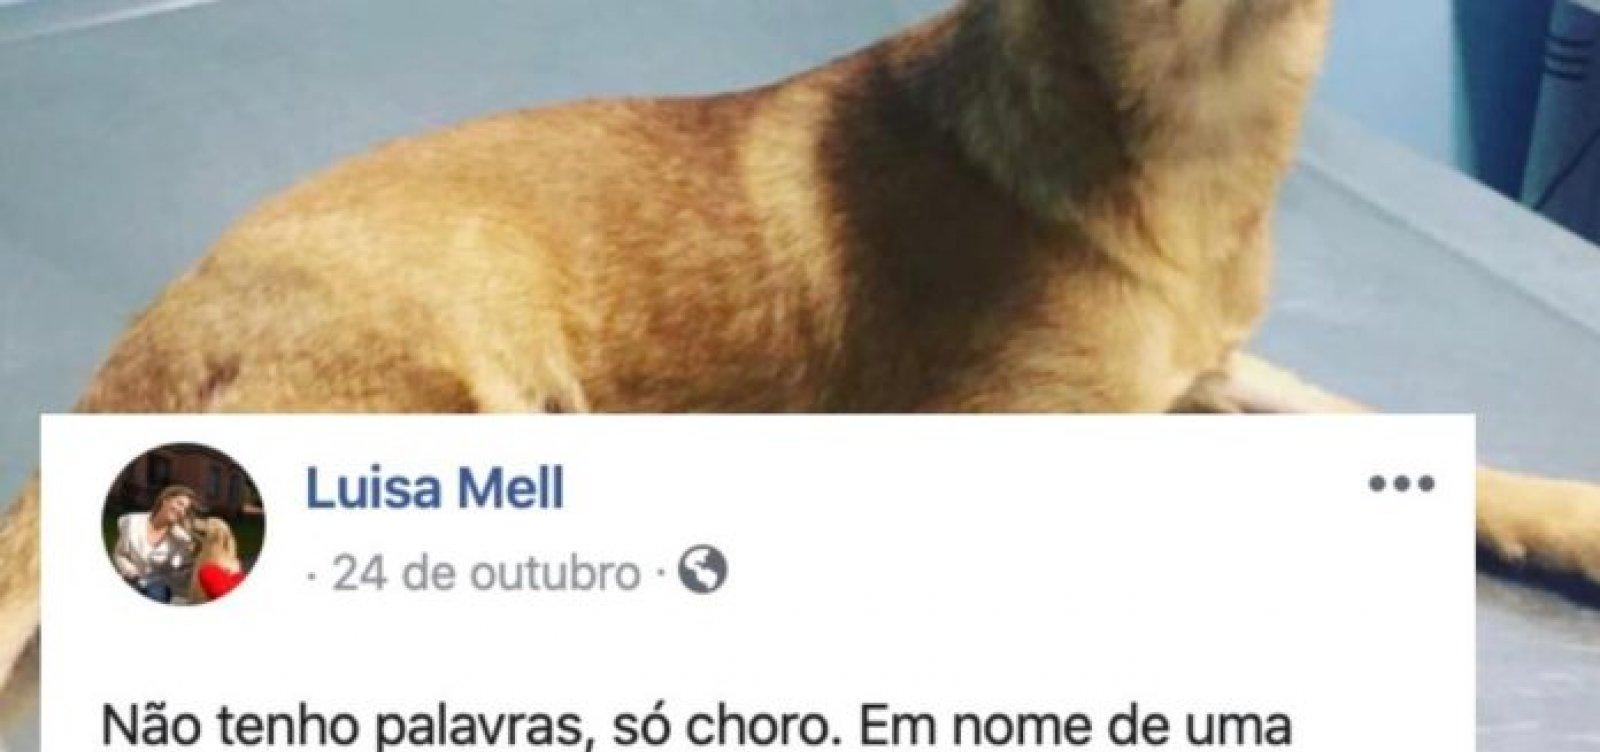 [Casa de Oxumarê notifica Facebook por postagens 'difamatórias e ofensivas' de Luisa Mell]